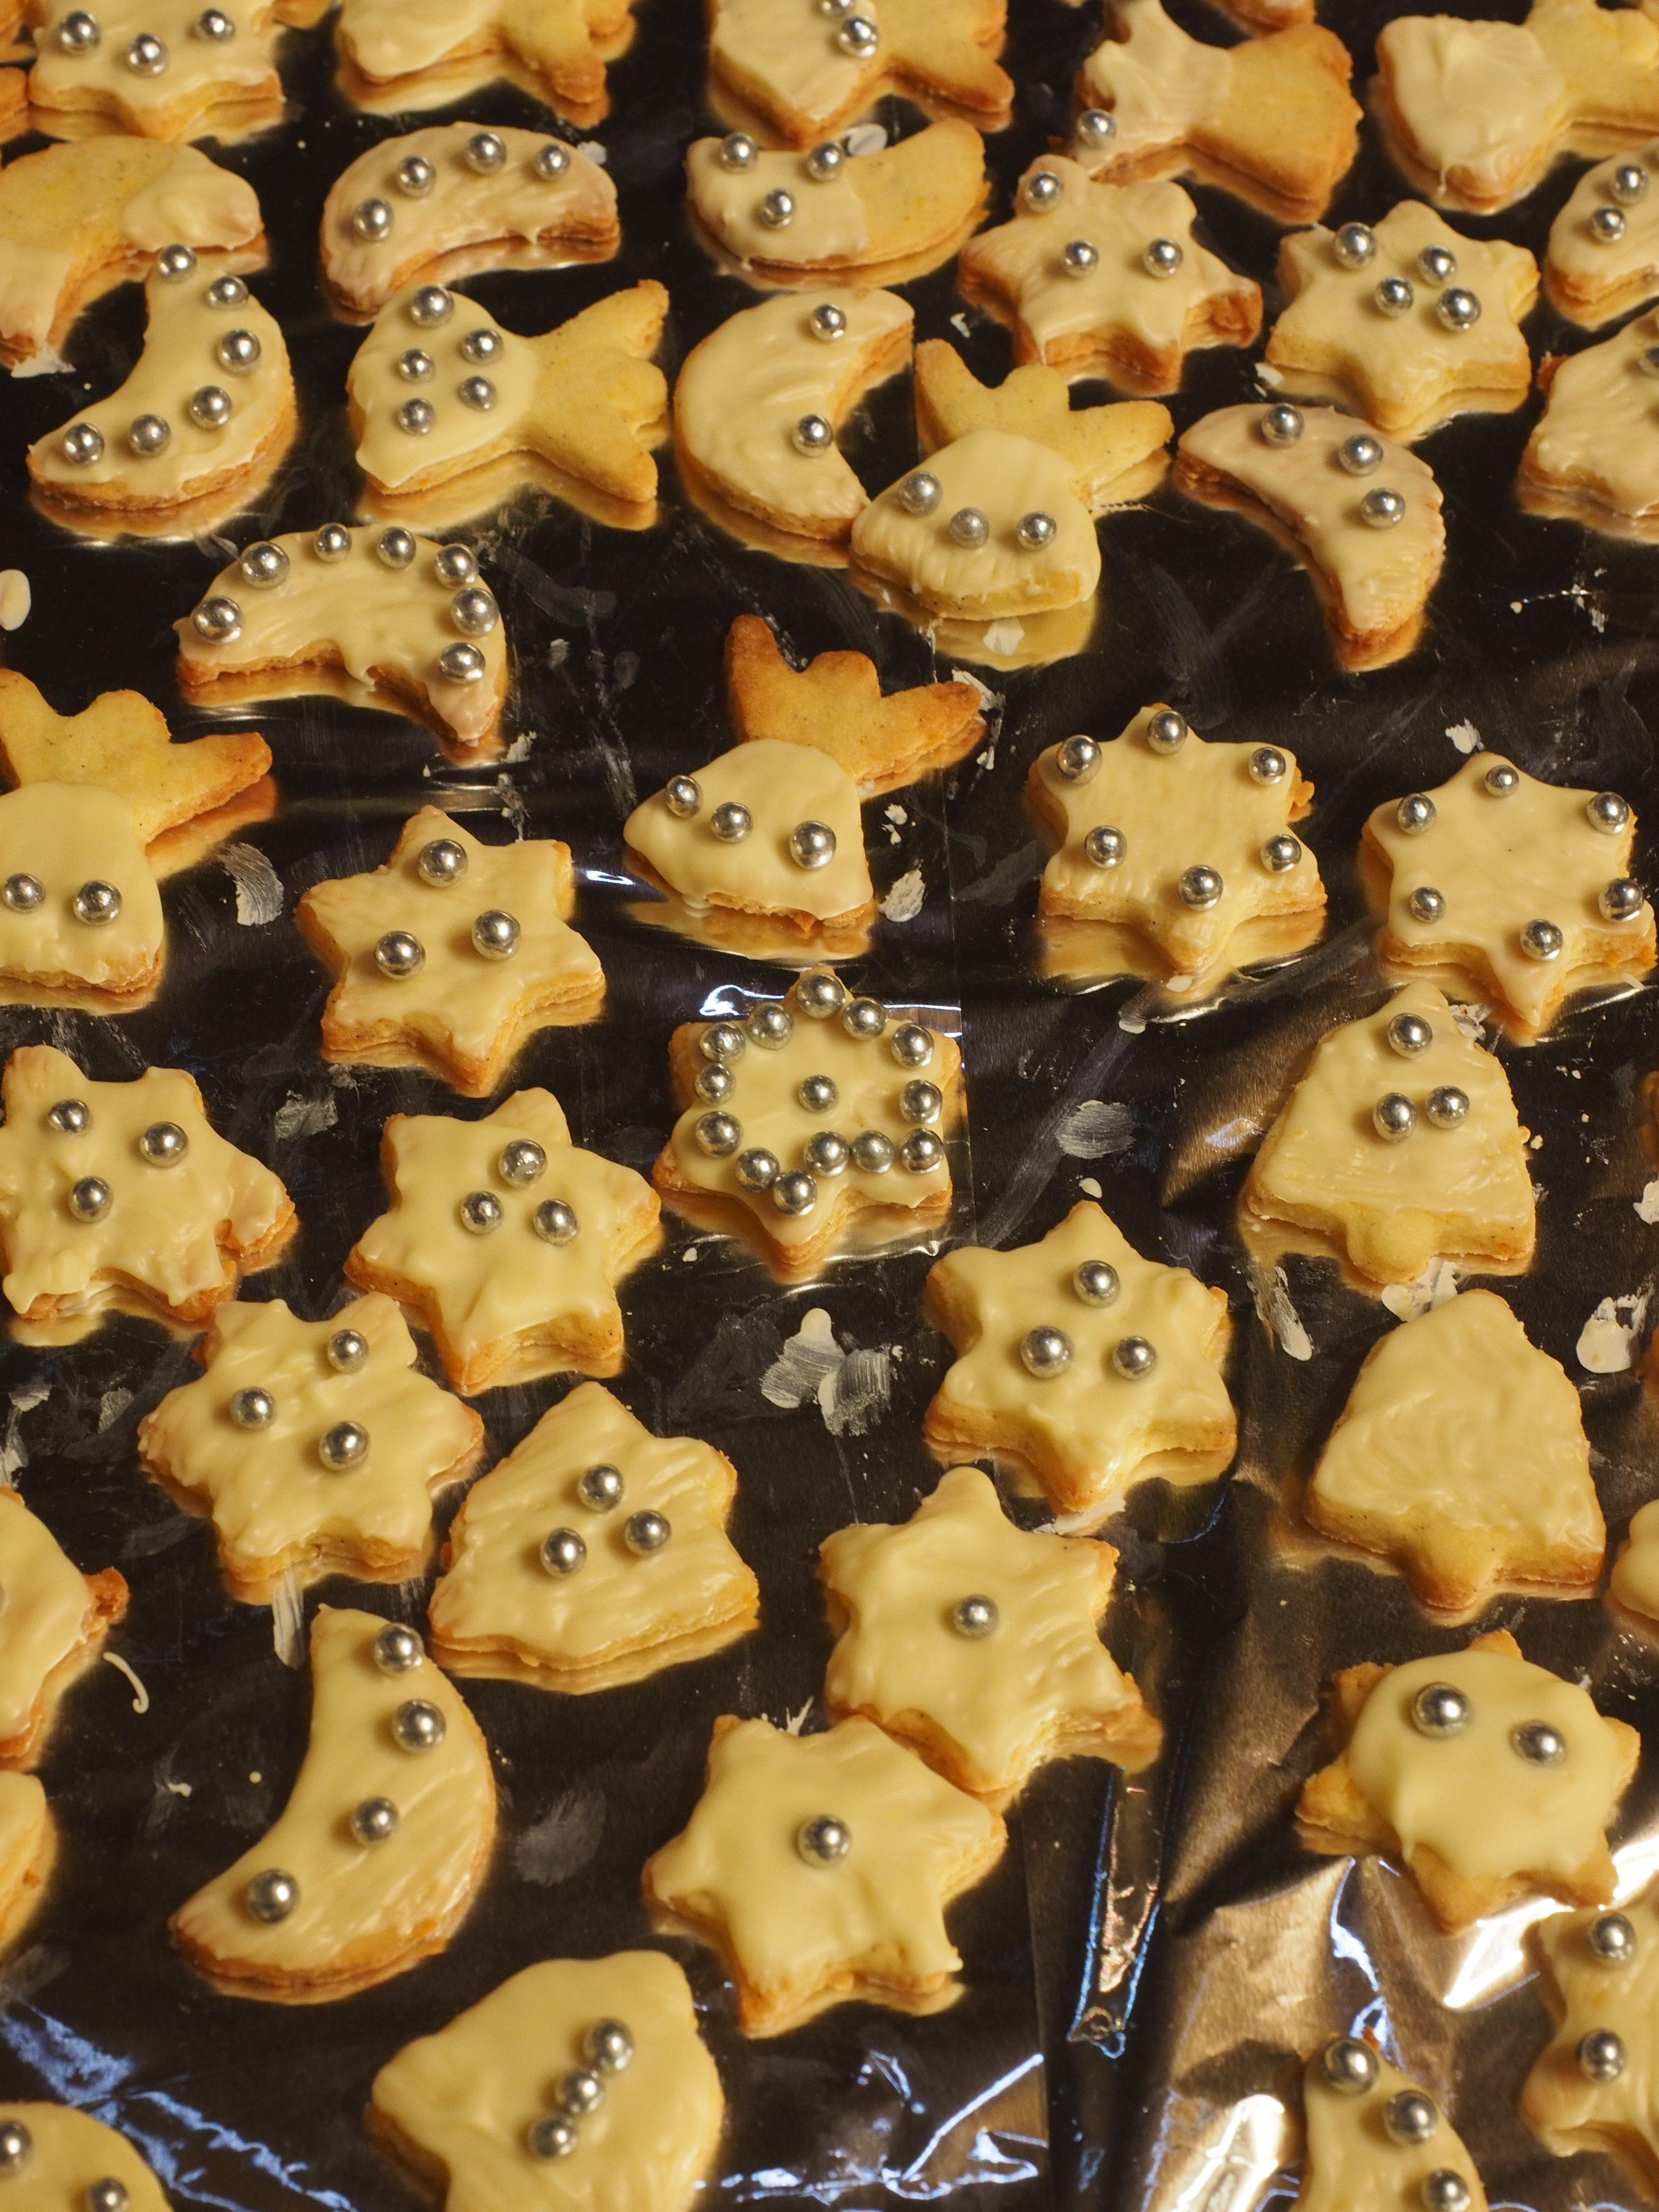 Weihnachtsplätzchen Mit Schokolade.Kostenlose Foto Lebensmittel Schokolade Backen Weihnachten